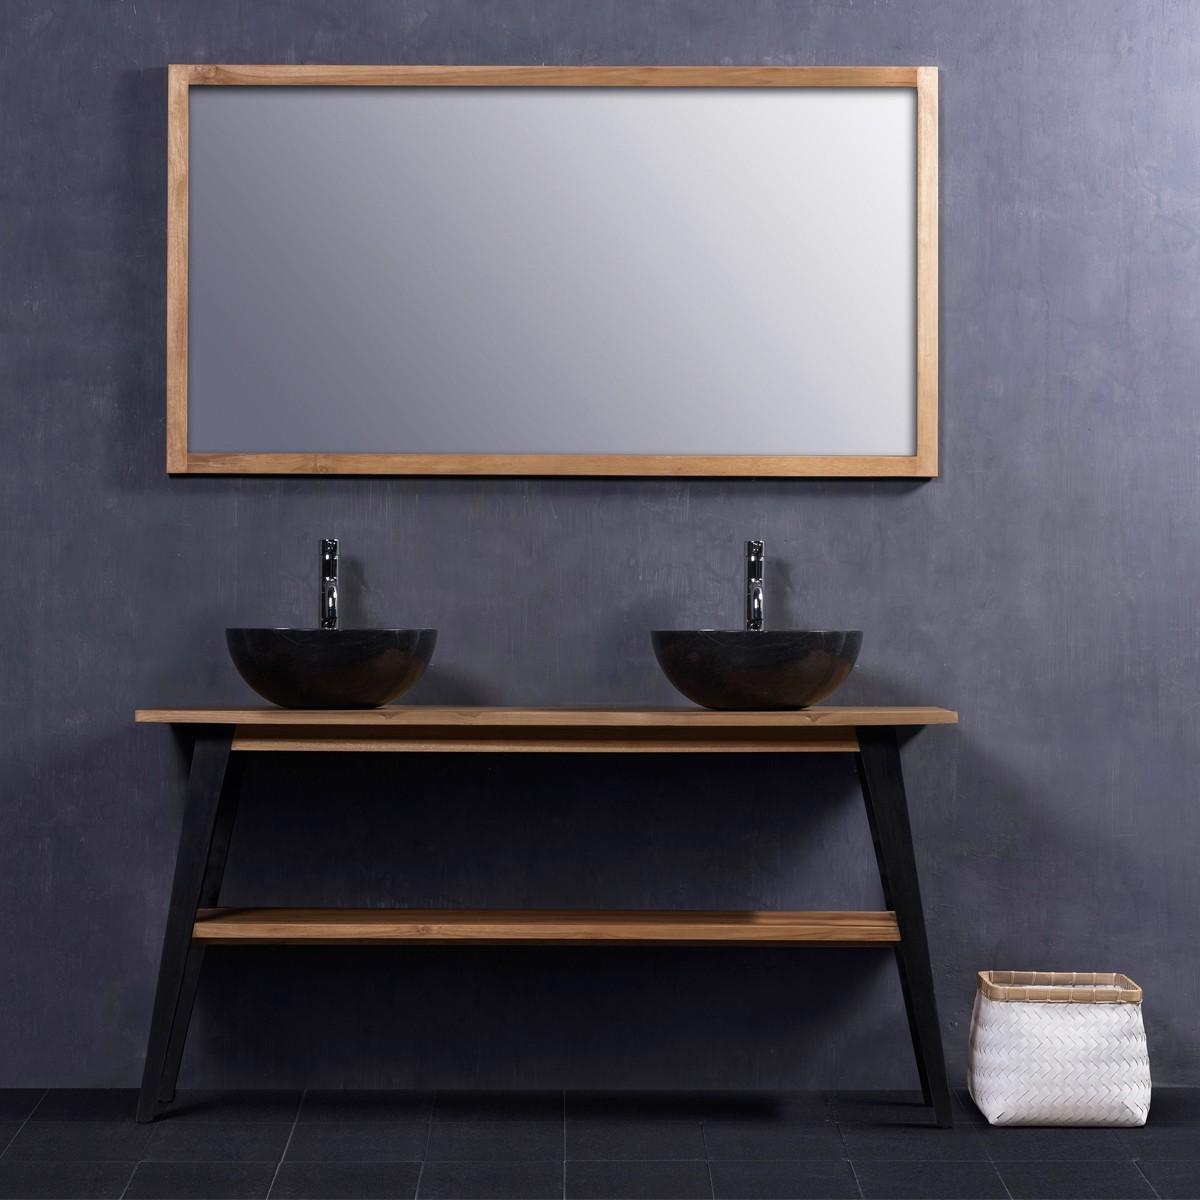 ensemble de salle de bain en bois de teck 150 2 vasques miroir bois dessus bois dessous. Black Bedroom Furniture Sets. Home Design Ideas